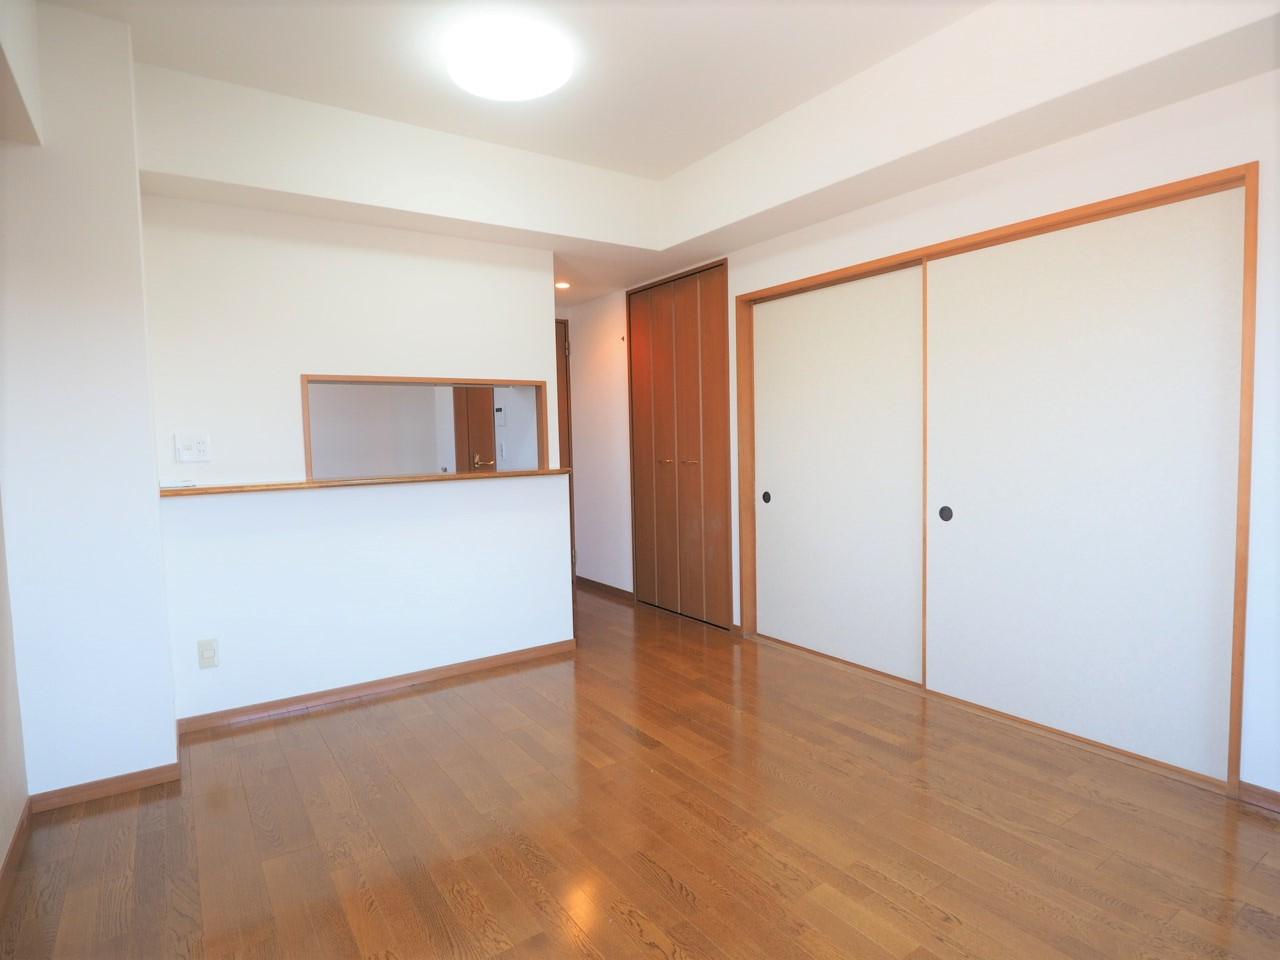 室内改装済なのでお手入れ不要で即入居可能です!